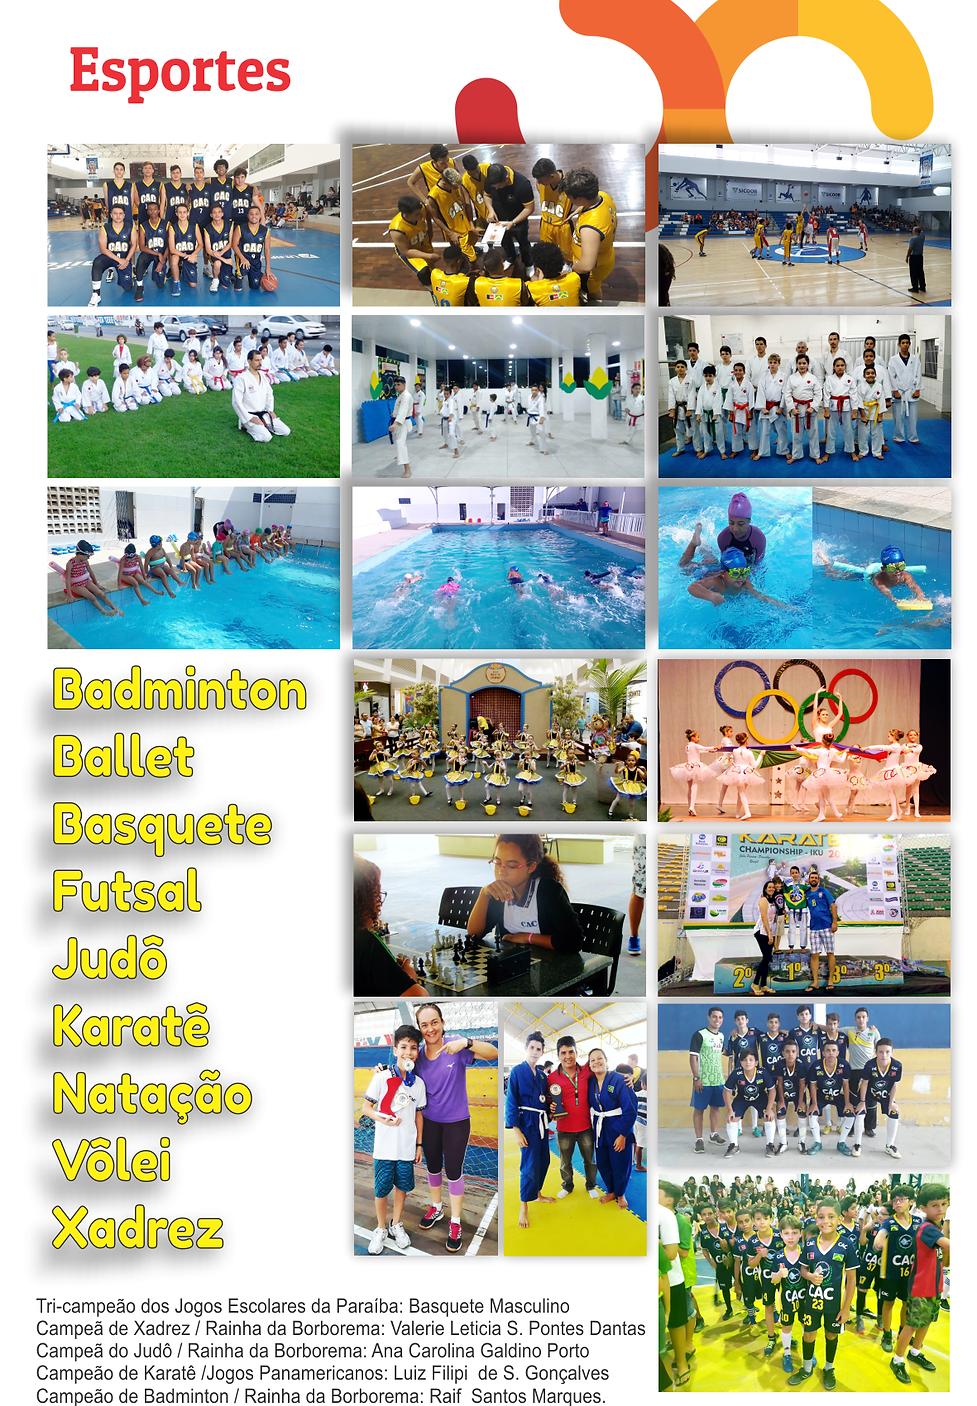 Esportes.png